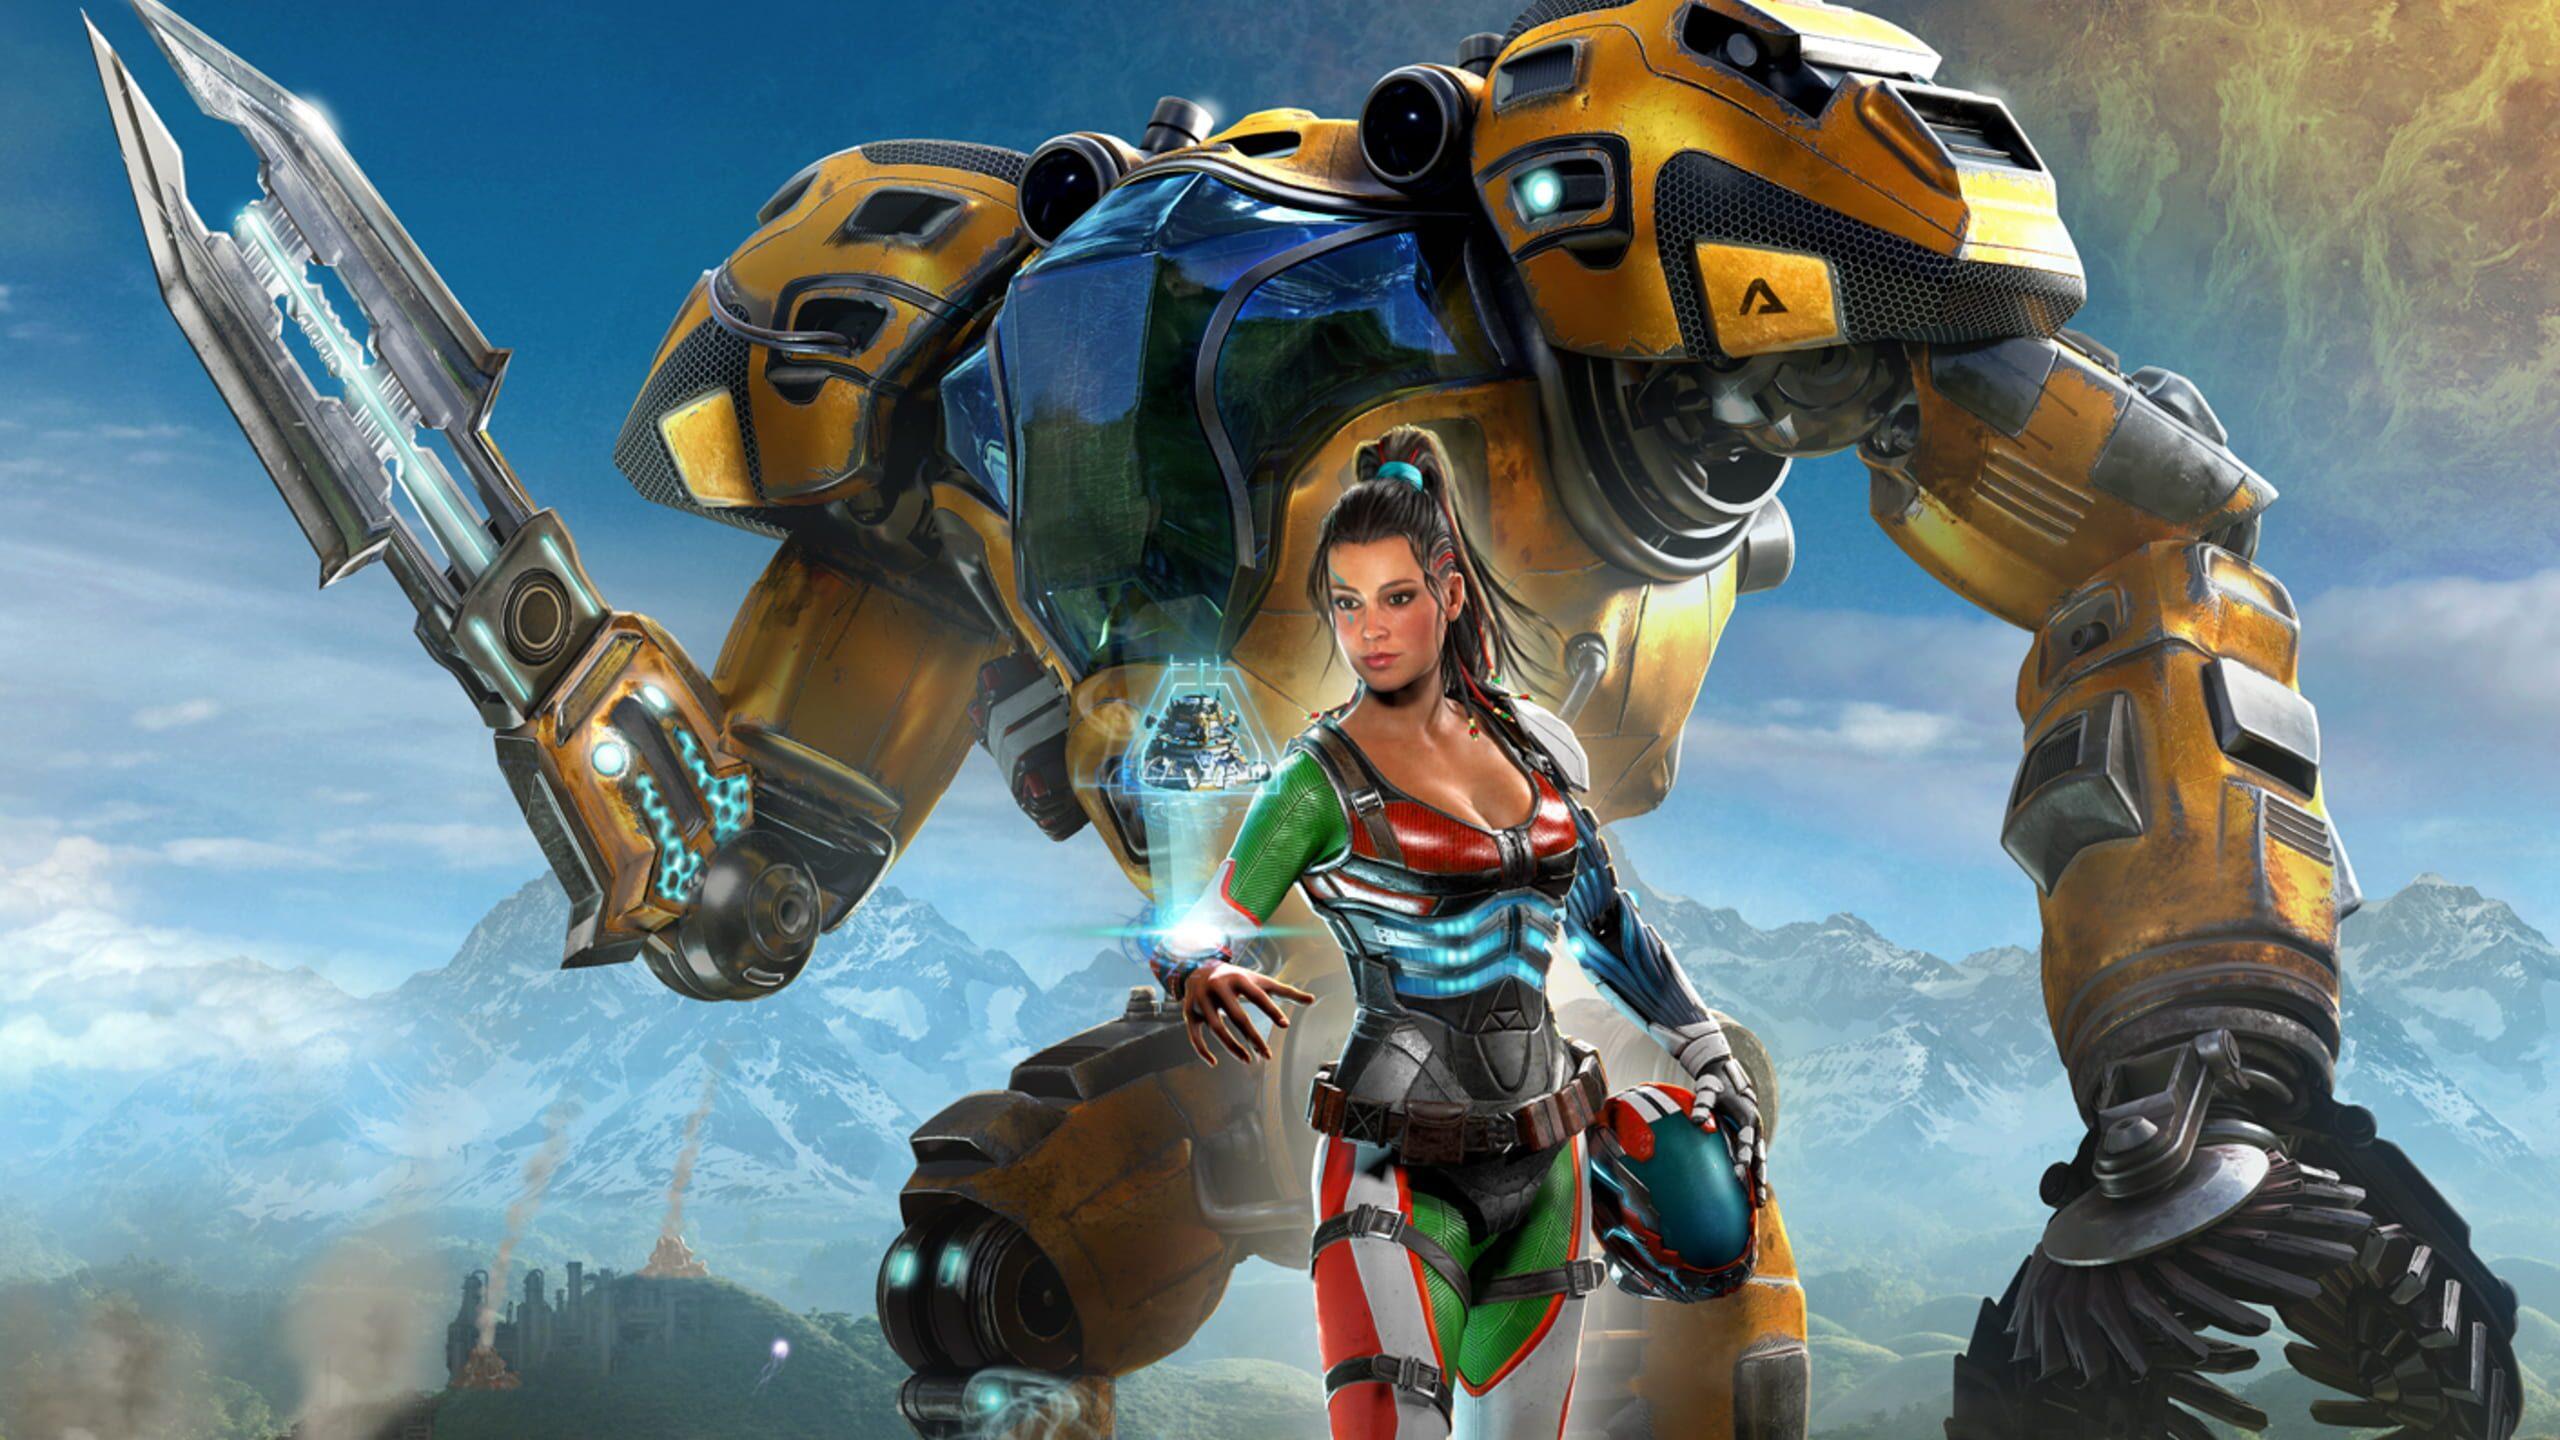 game cover art for The Riftbreaker